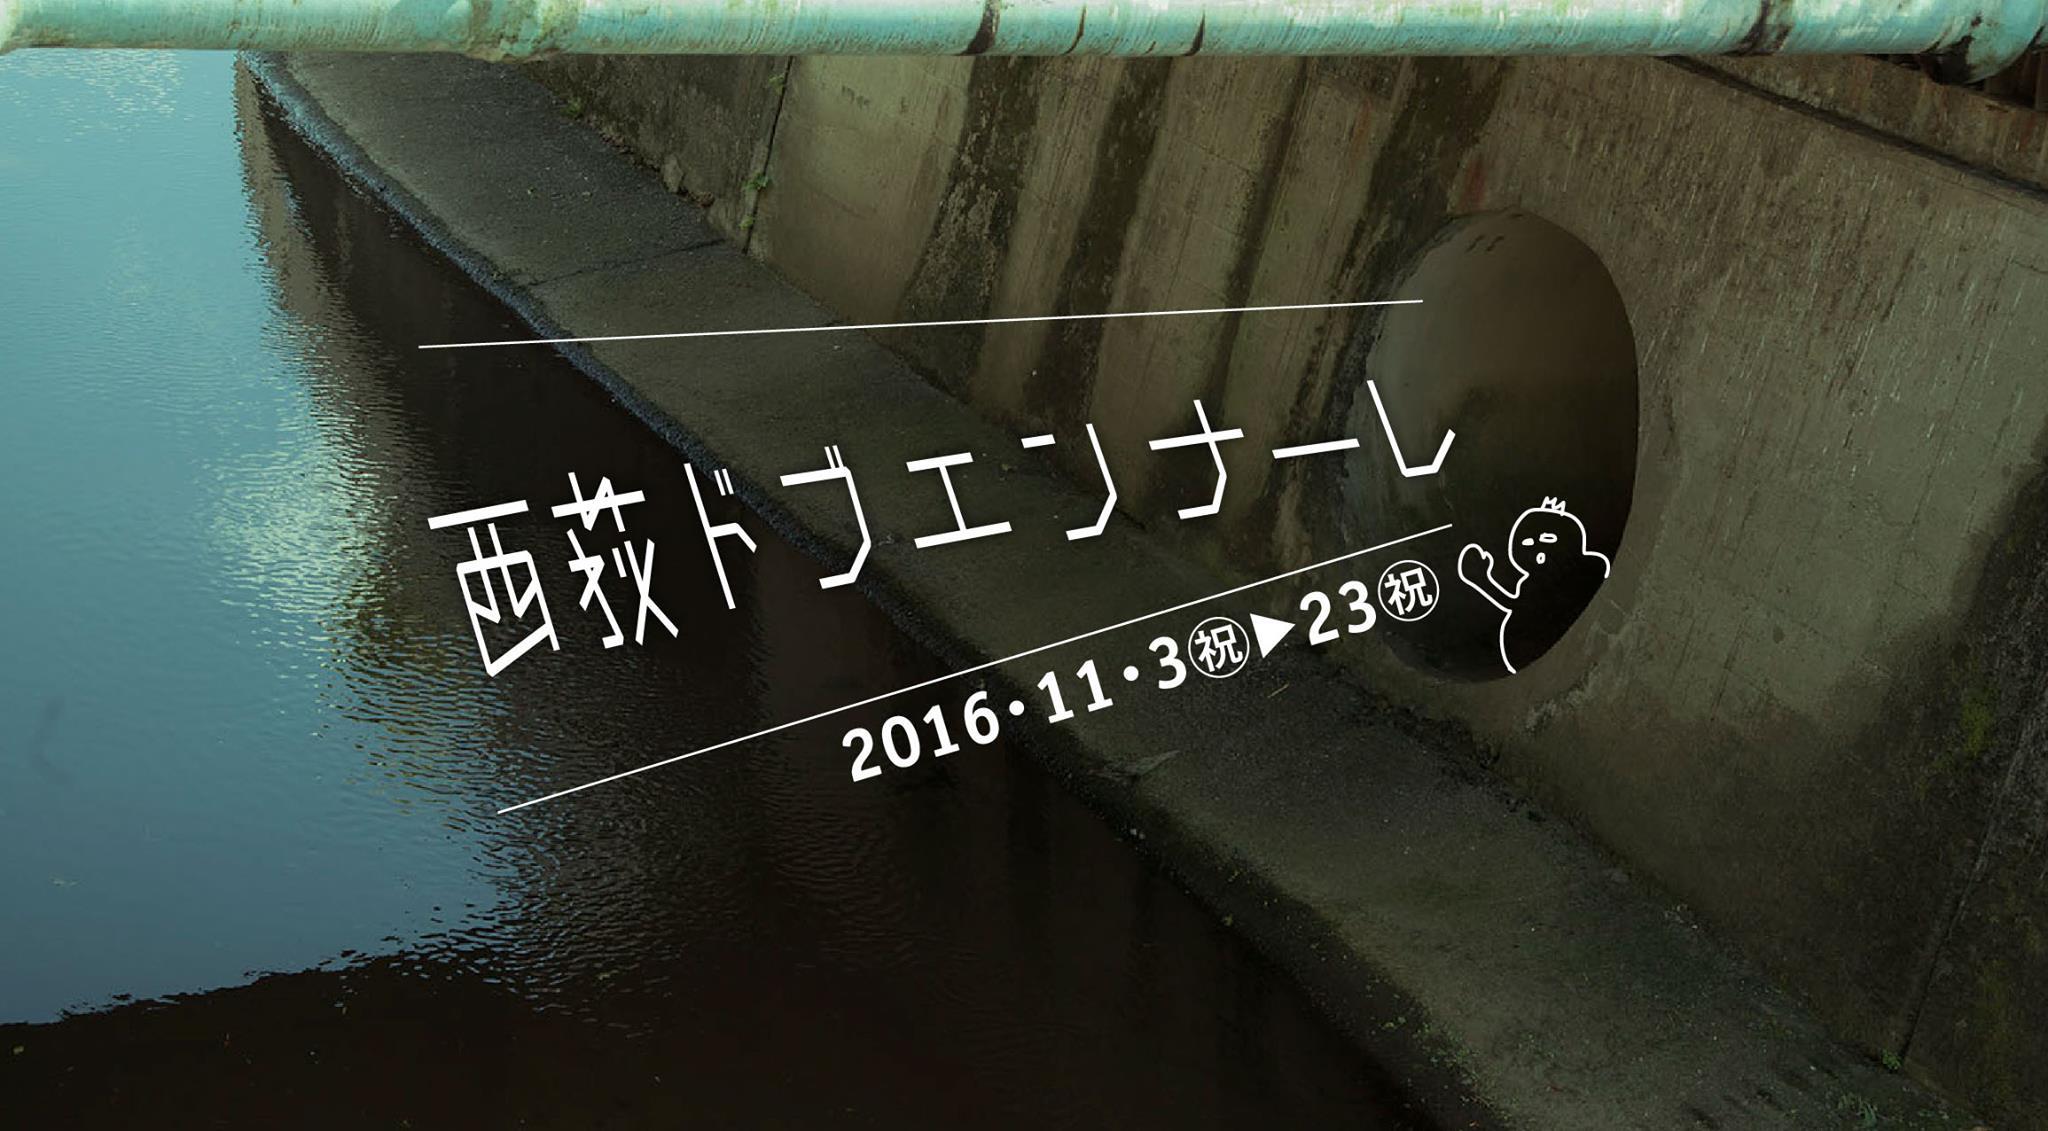 西荻ドブエンナーレ 11月3−23日開催!!